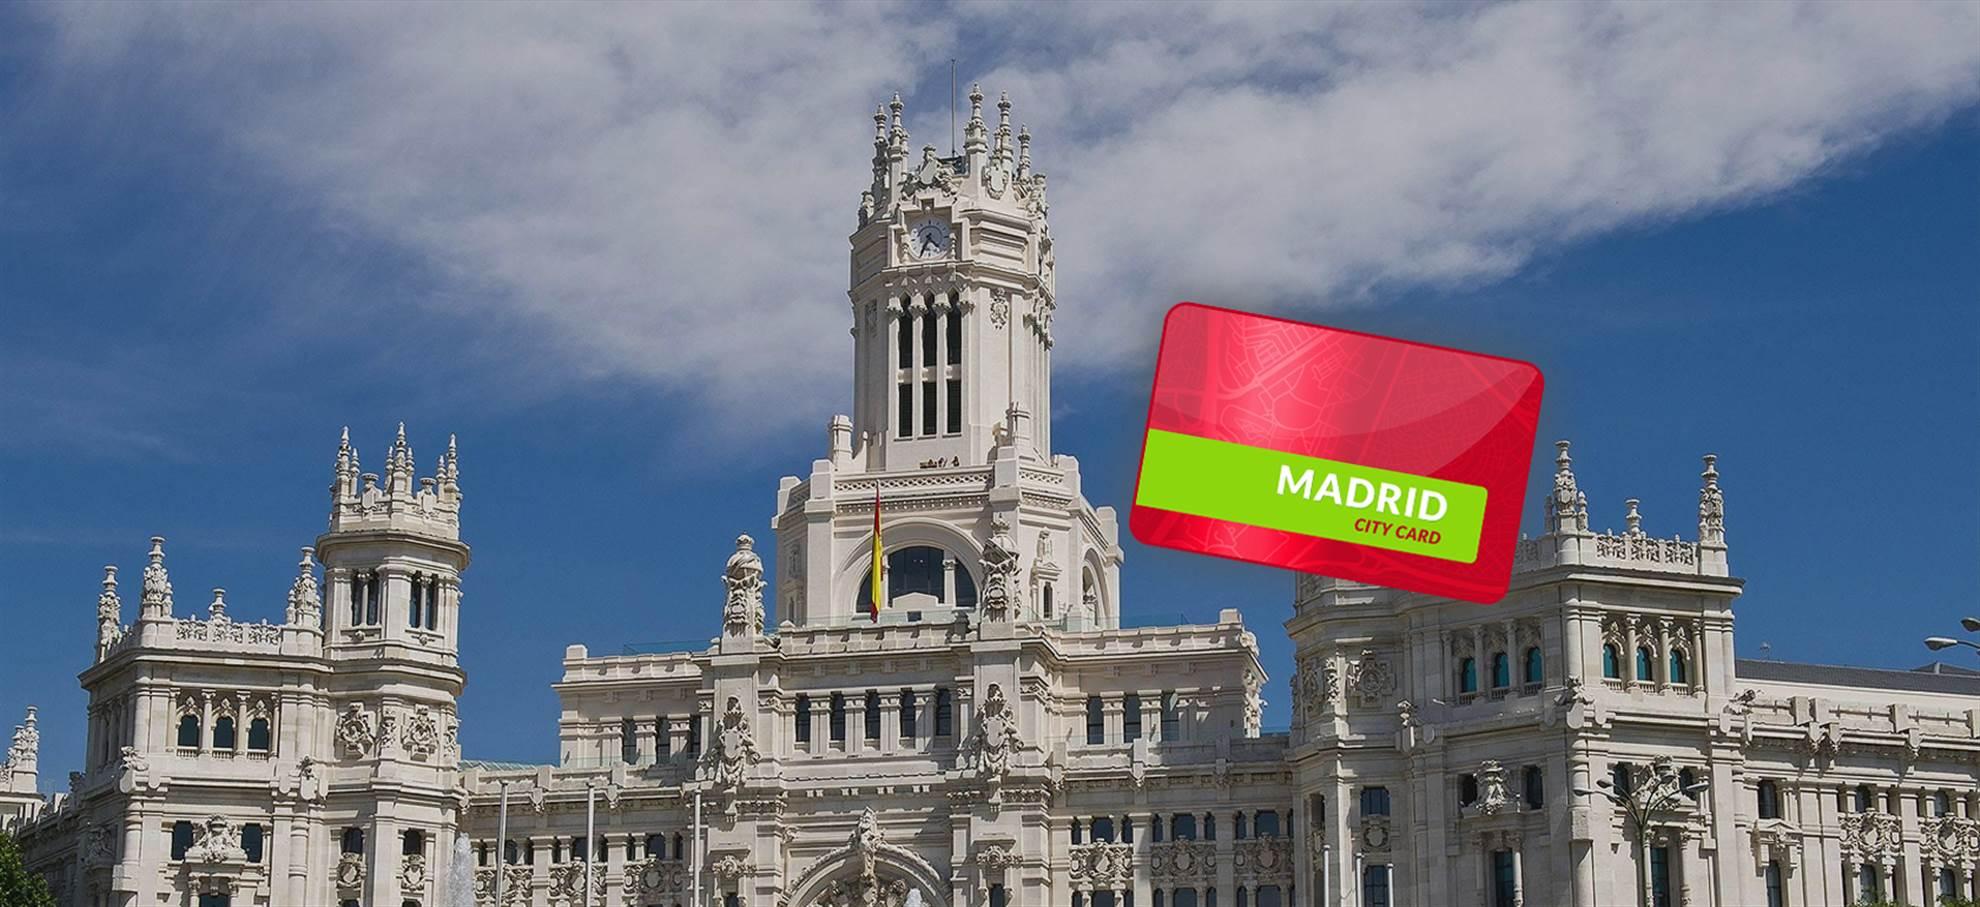 Madrid City Pass (Prado, Palazzo reale, tessera per i trasporti pubblici opzionale)